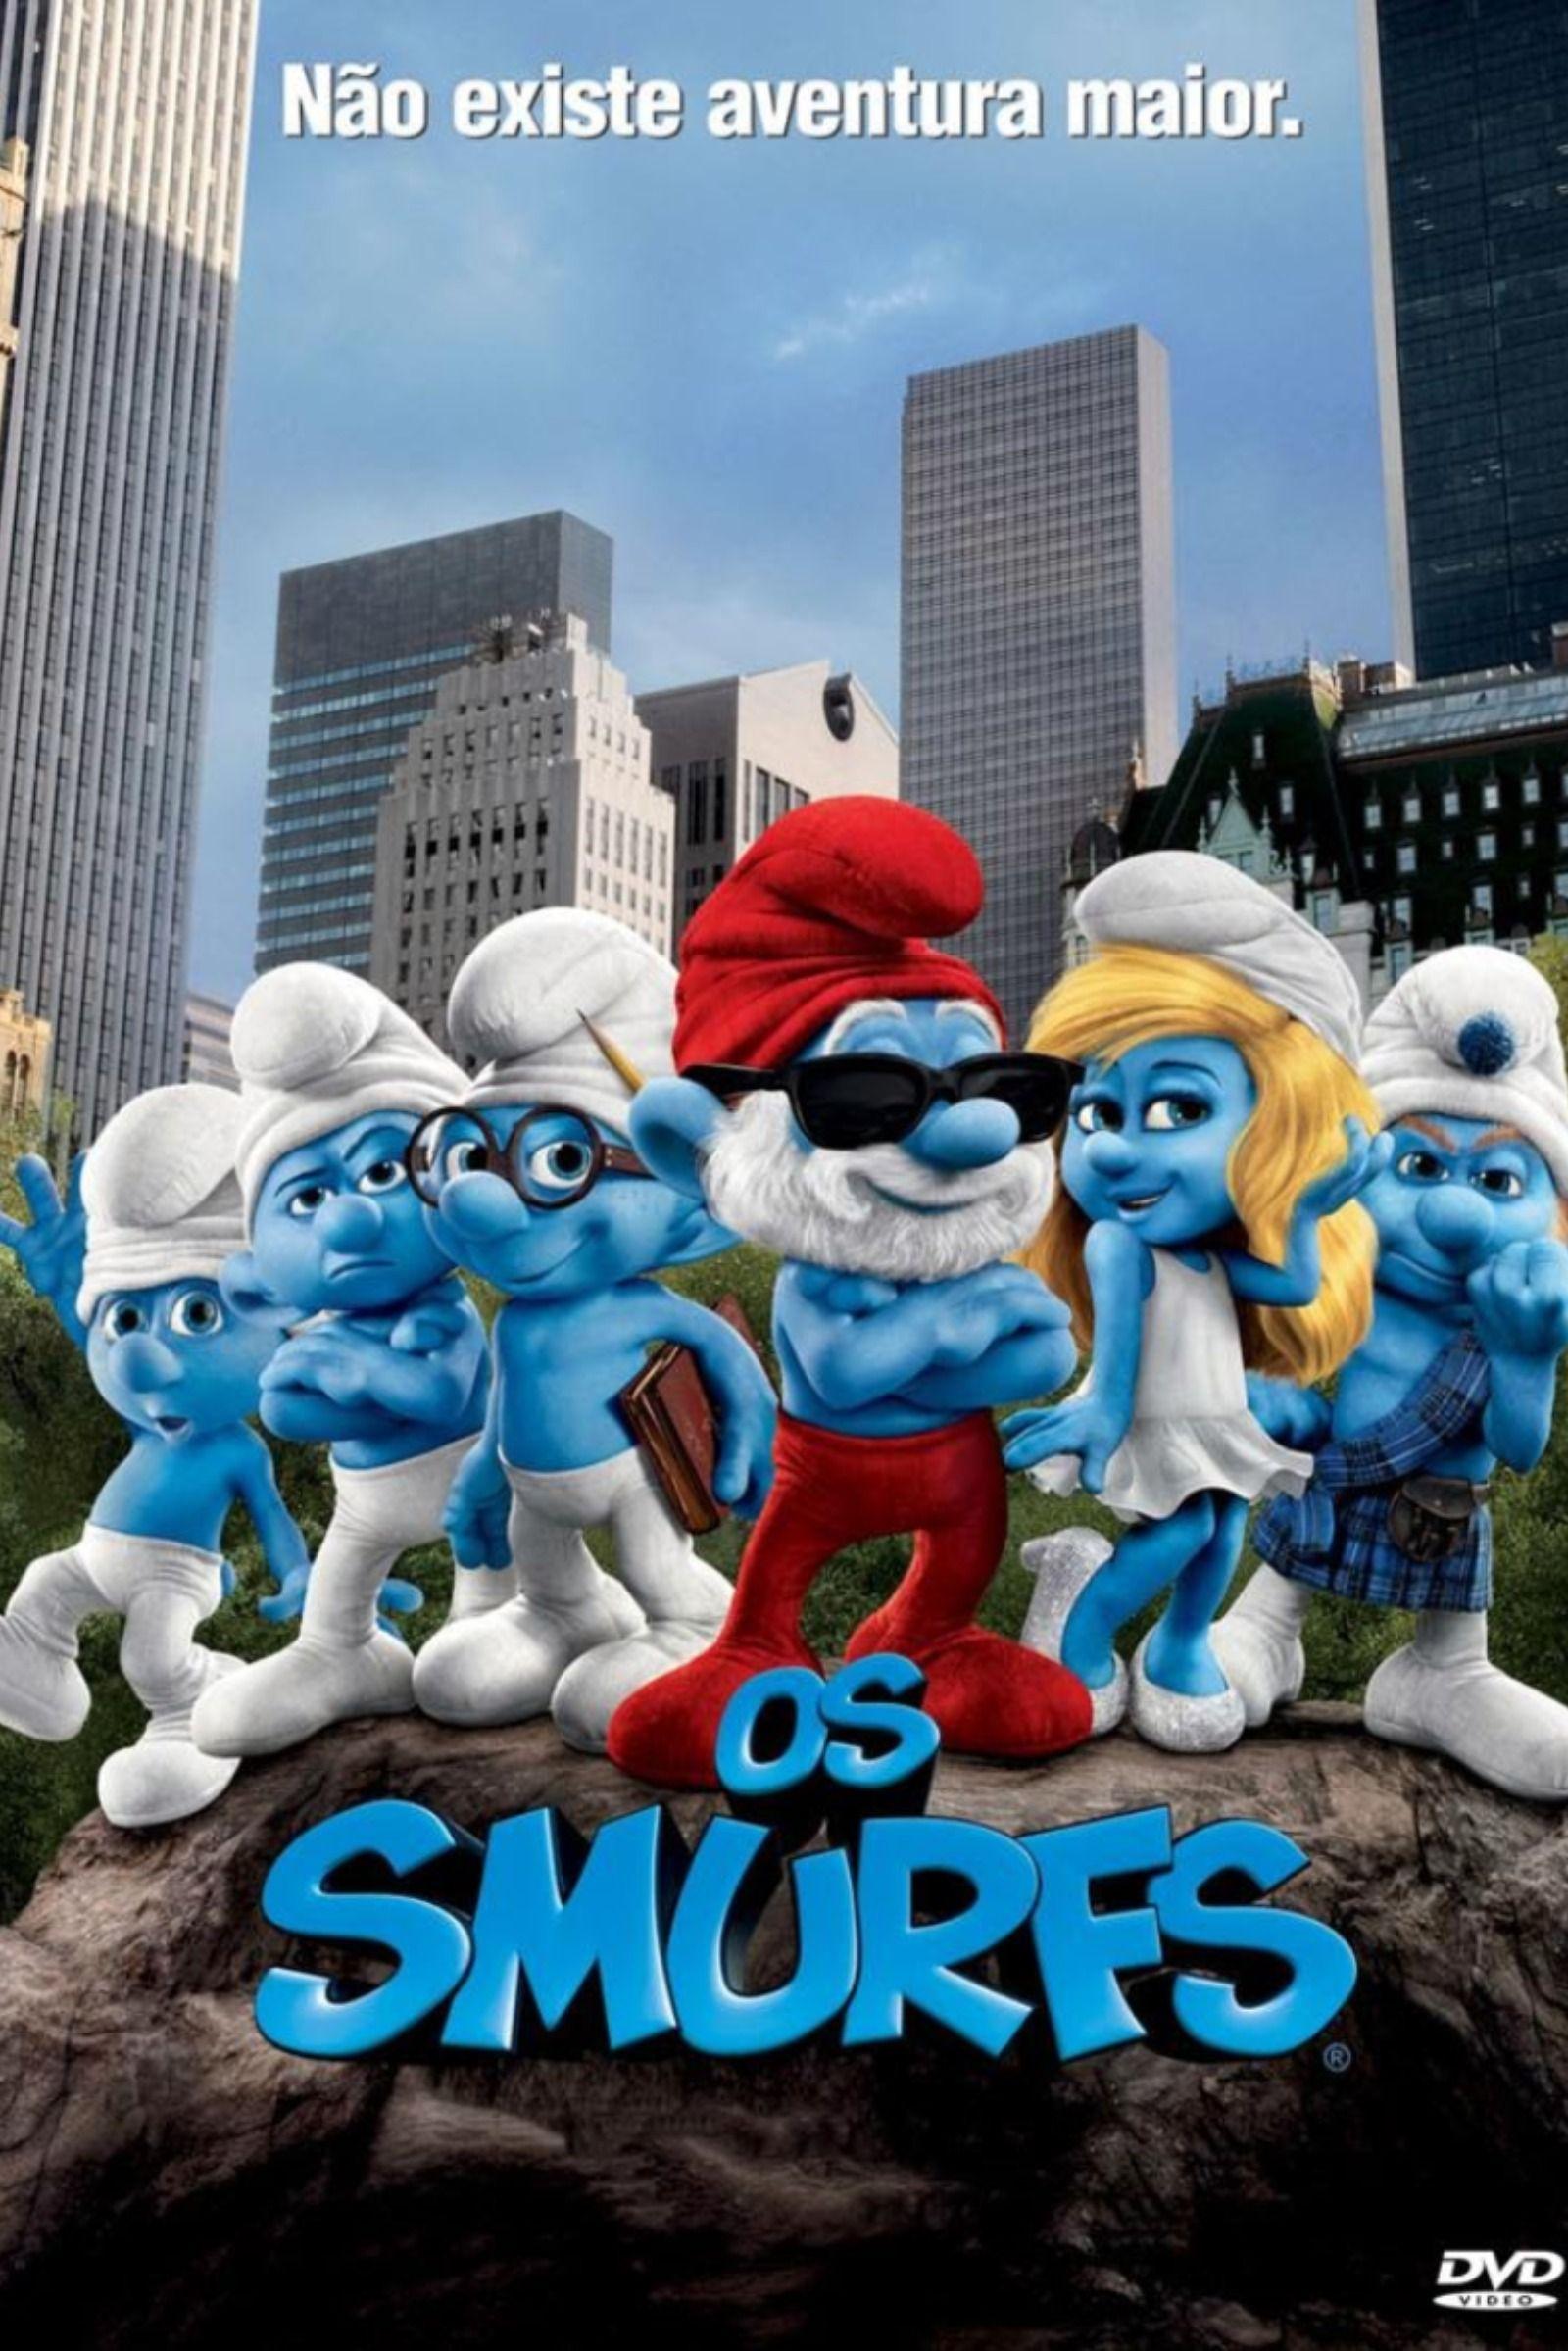 Os Smurfs Filmes Os Smurfs Site De Filmes